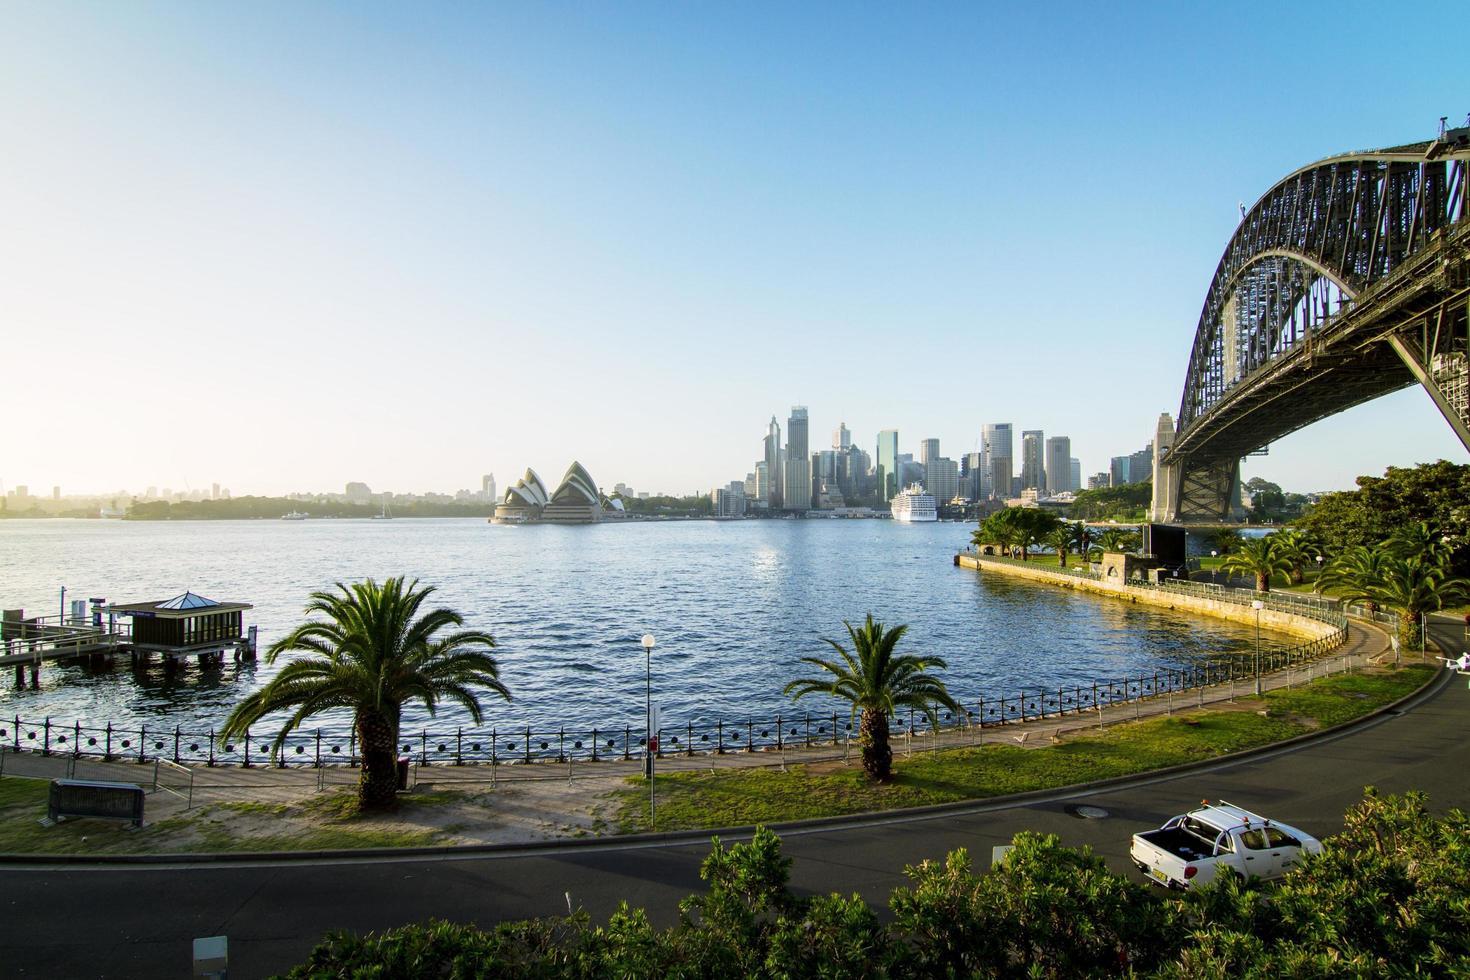 sydney, australien, 2020 - en väg och en bro nära en vattendrag foto